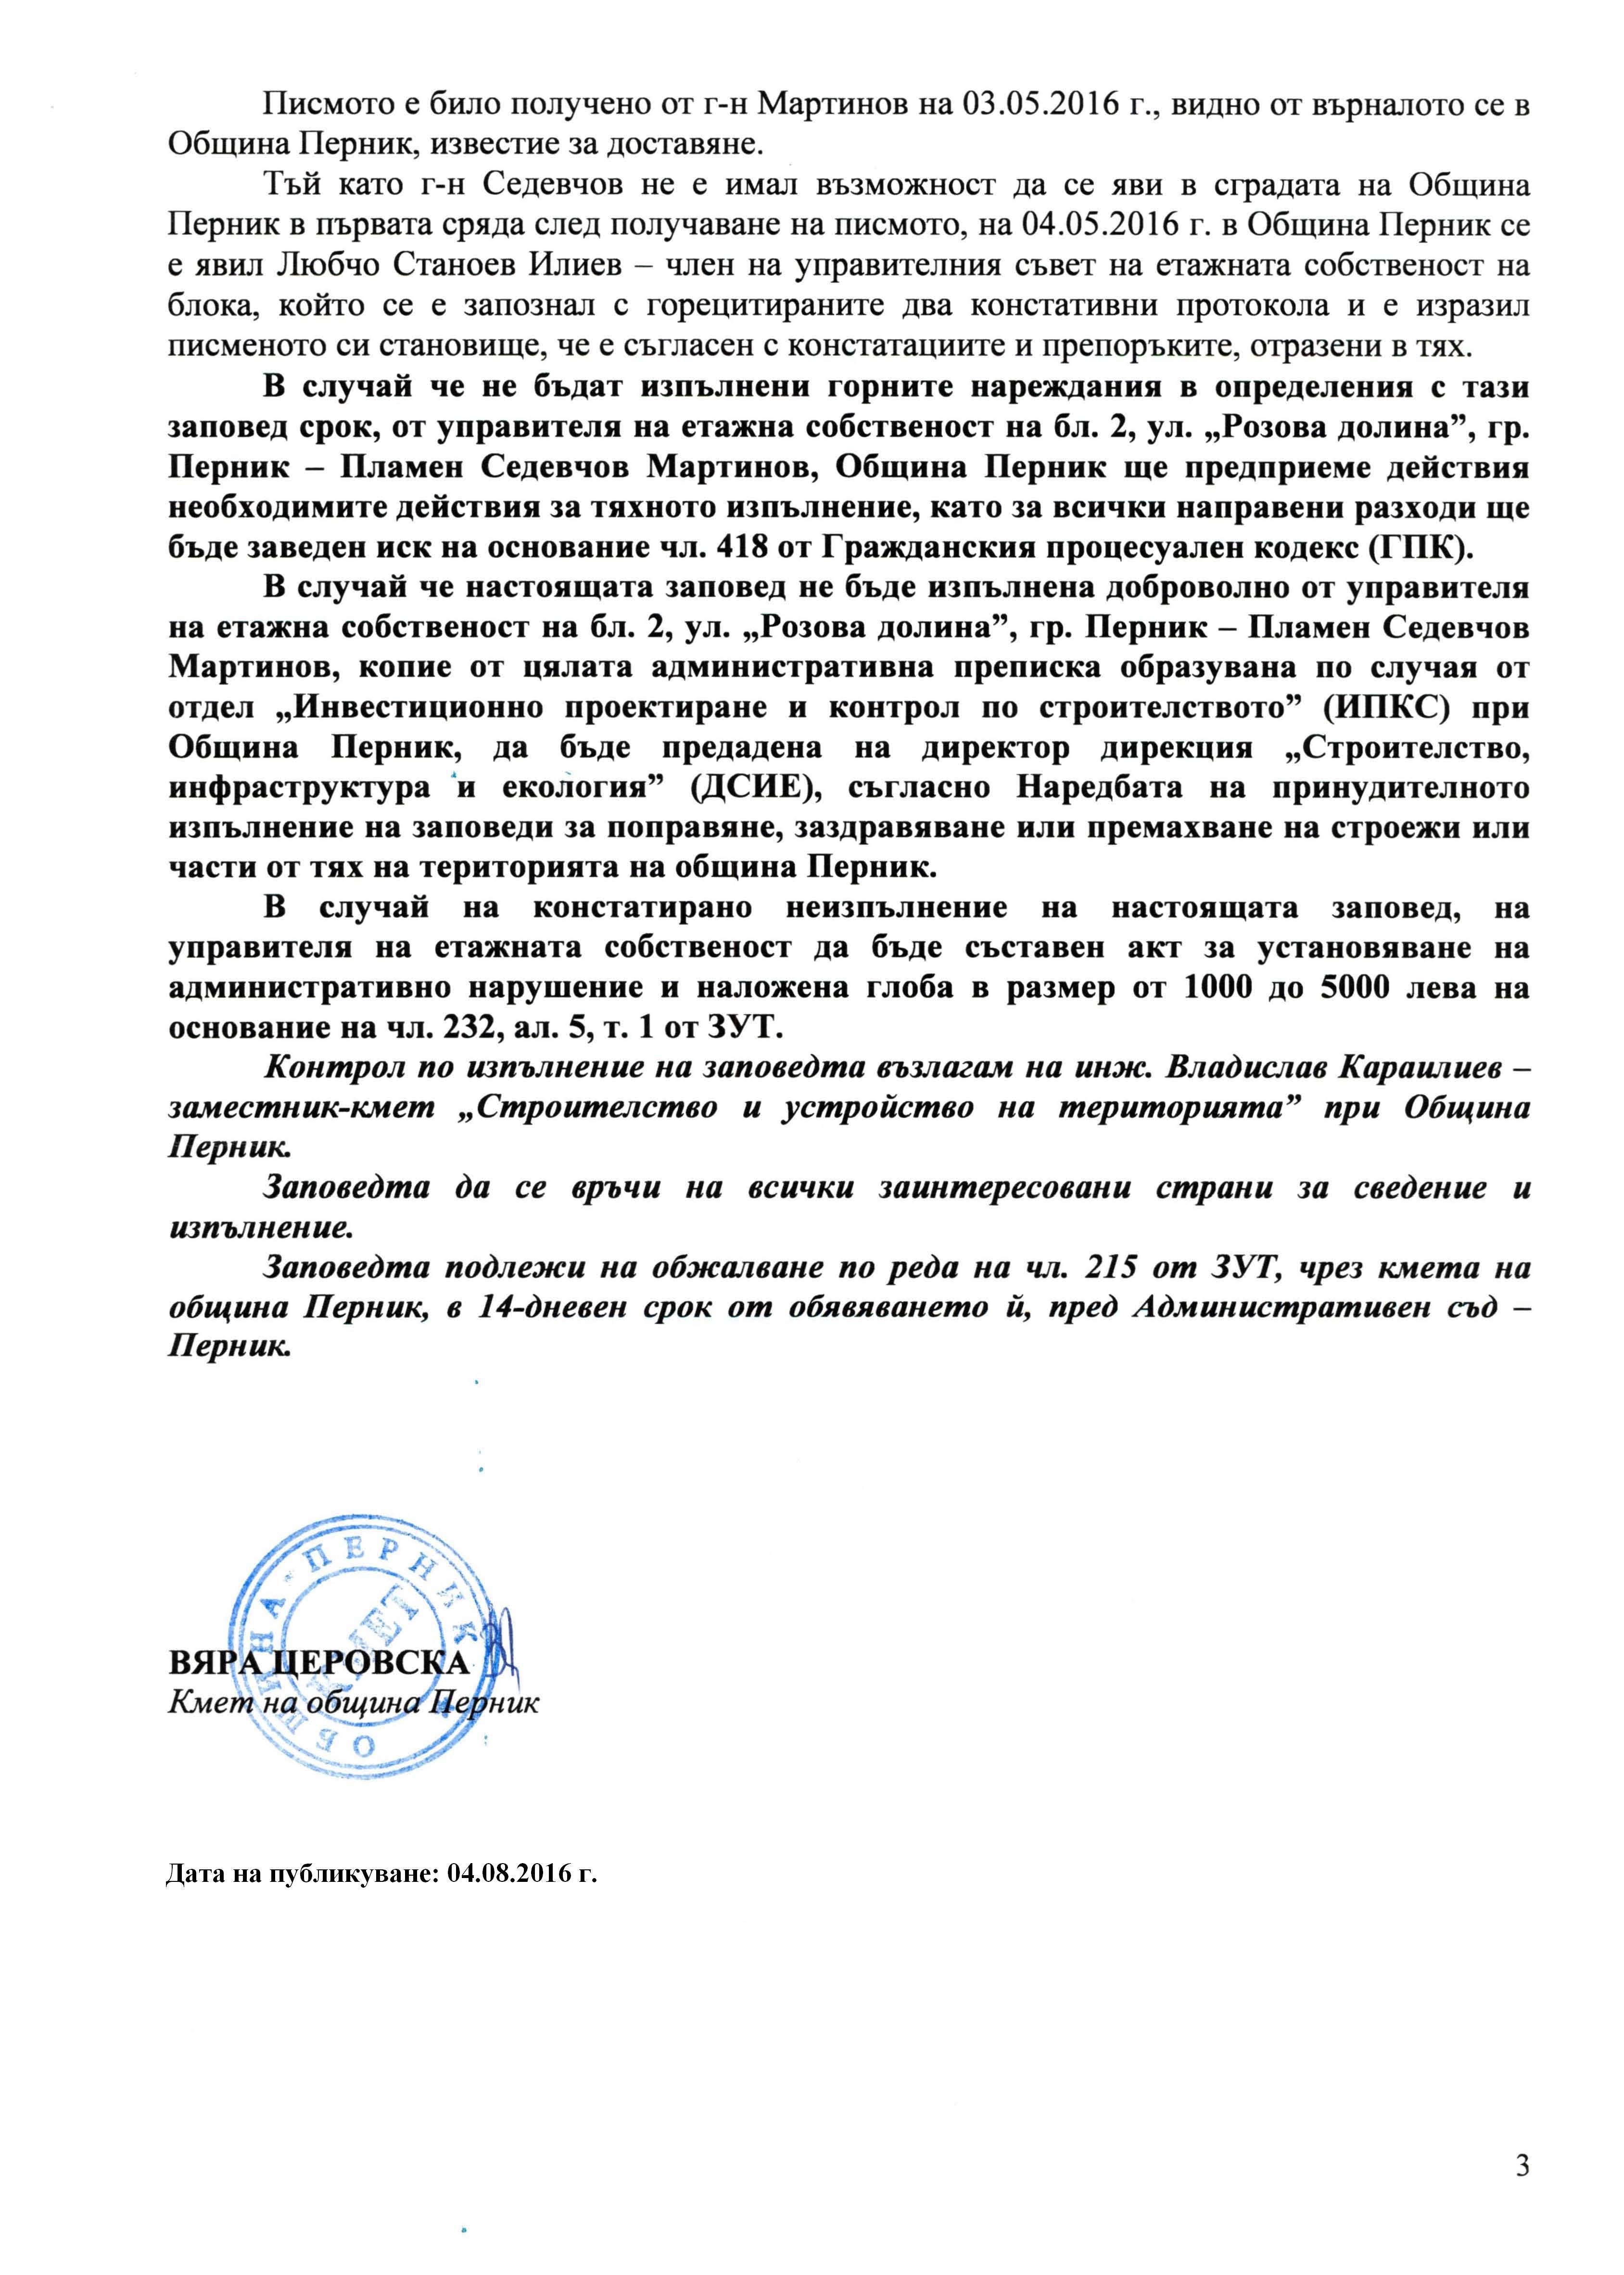 Plamen Martinov - pismo i zapoved_Page_4 (1)